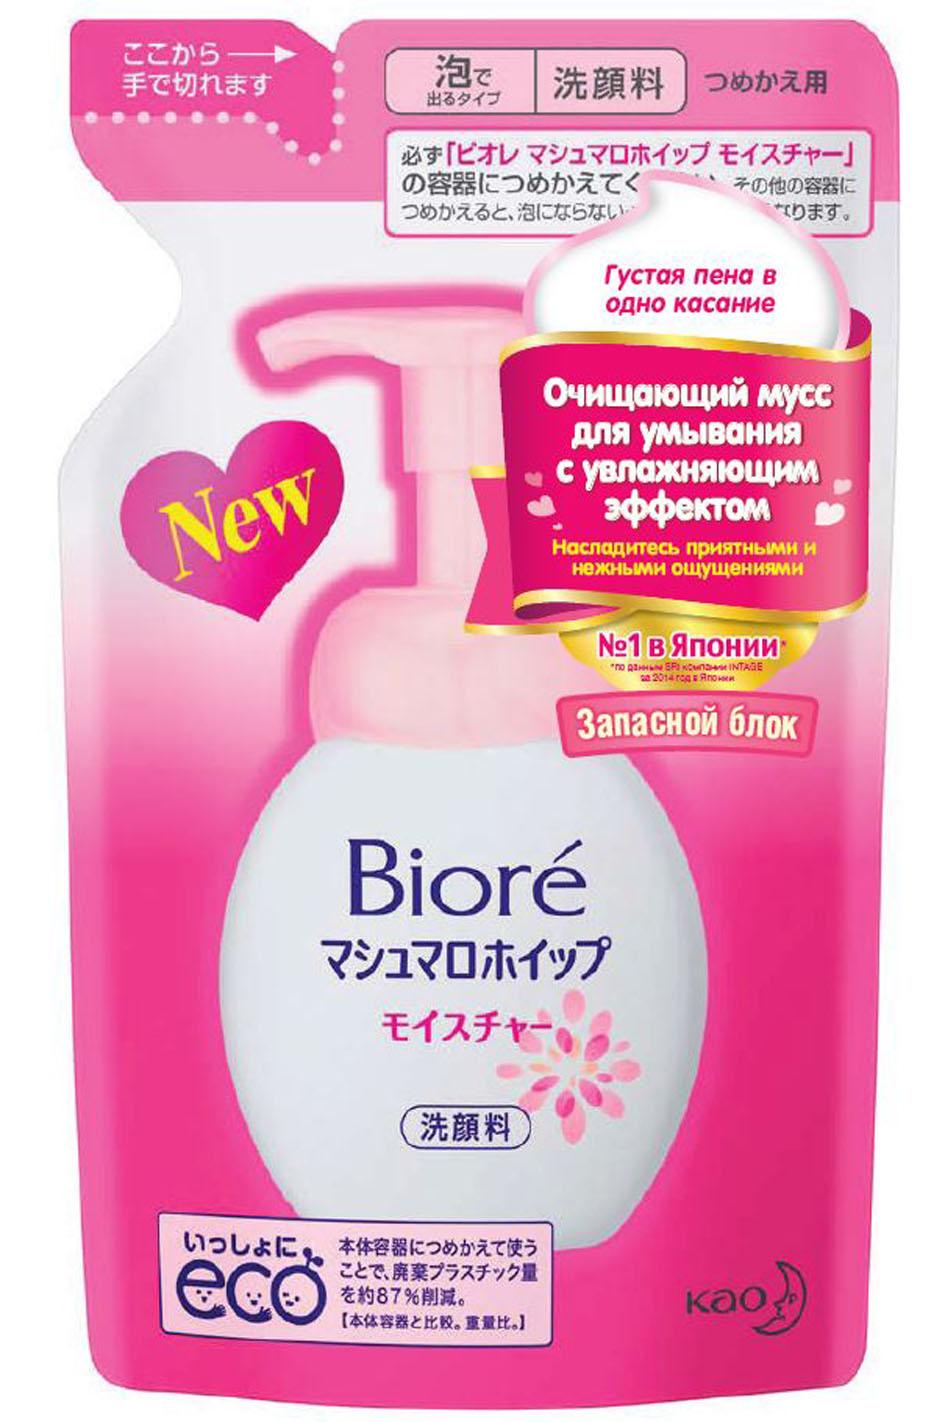 Biore Очищающий мусс для умывания с увлажняющим эффектом Запасной блок 130 мл3966021503Очищающий мусс для умывания с увлажняющим эффектом.Просто нажмите и Вы получите густую пену, похожую на маршмеллоу. Насладитесь приятными и нежными ощущениями. Уникальная технология SPT от KAO гарантирует тщательное, но бережное очищение кожи. Подходит для нормальной и комбинированной кожи. Мусс выполняет 3 функции: Очищение от загрязнений - без повреждения; Помощь – увлажнение, питание, восстановление; Защита от вредного воздействия UV лучей. Имеет легкий свежий цветочный аромат. Не содержит спирта, можно использовать на области вокруг глаз!